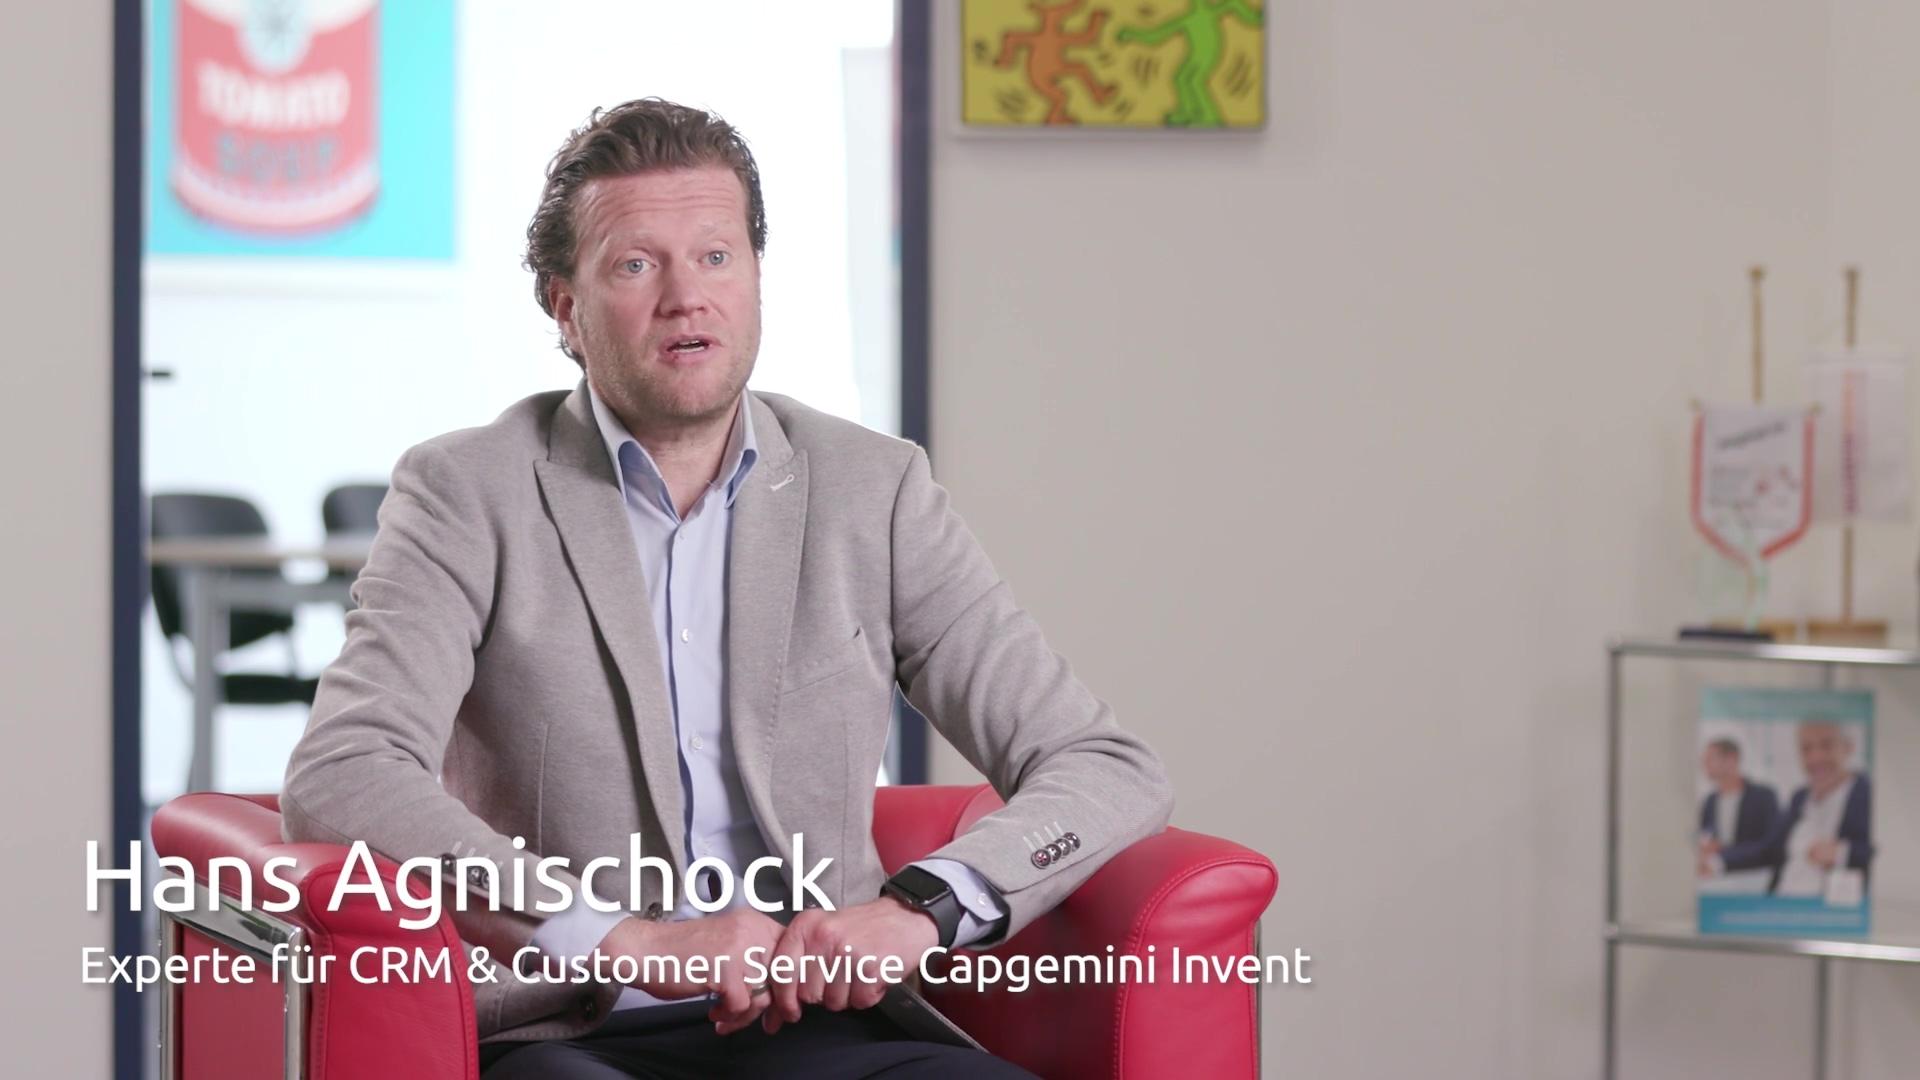 Partner Capgemini Invent  Hans Agnischock